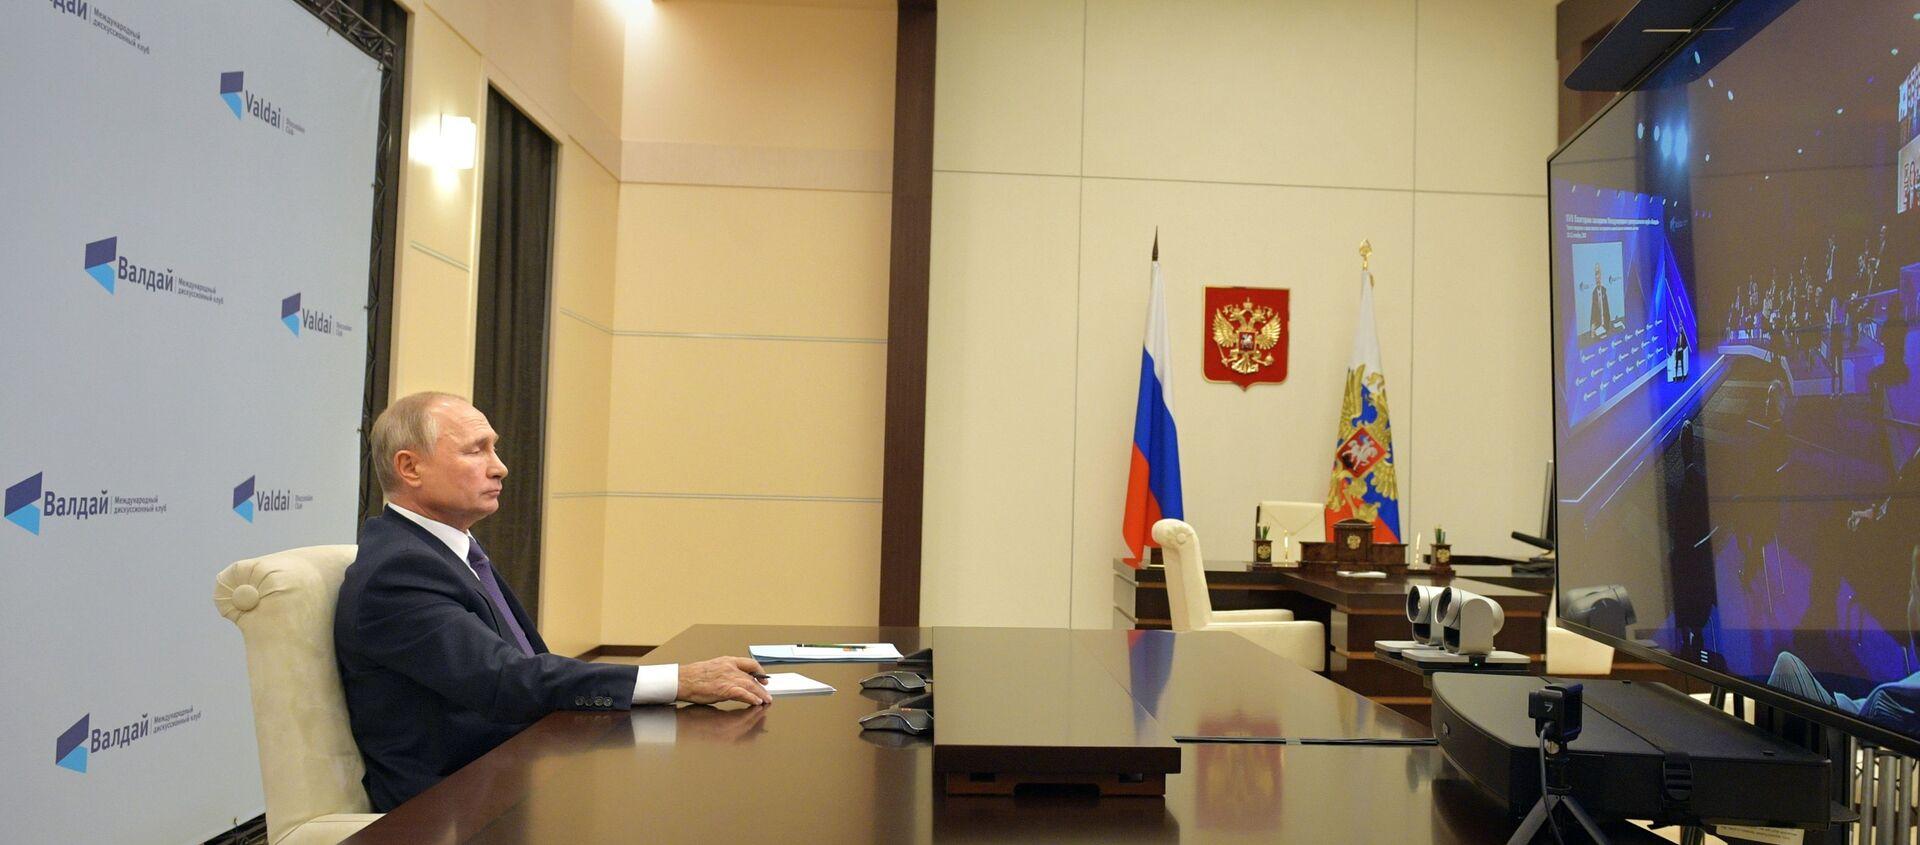 Tổng thống Nga Vladimir Putin phát biểu tại cuộc họp của Câu lạc bộ thảo luận quốc tế Valdai - Sputnik Việt Nam, 1920, 23.10.2020